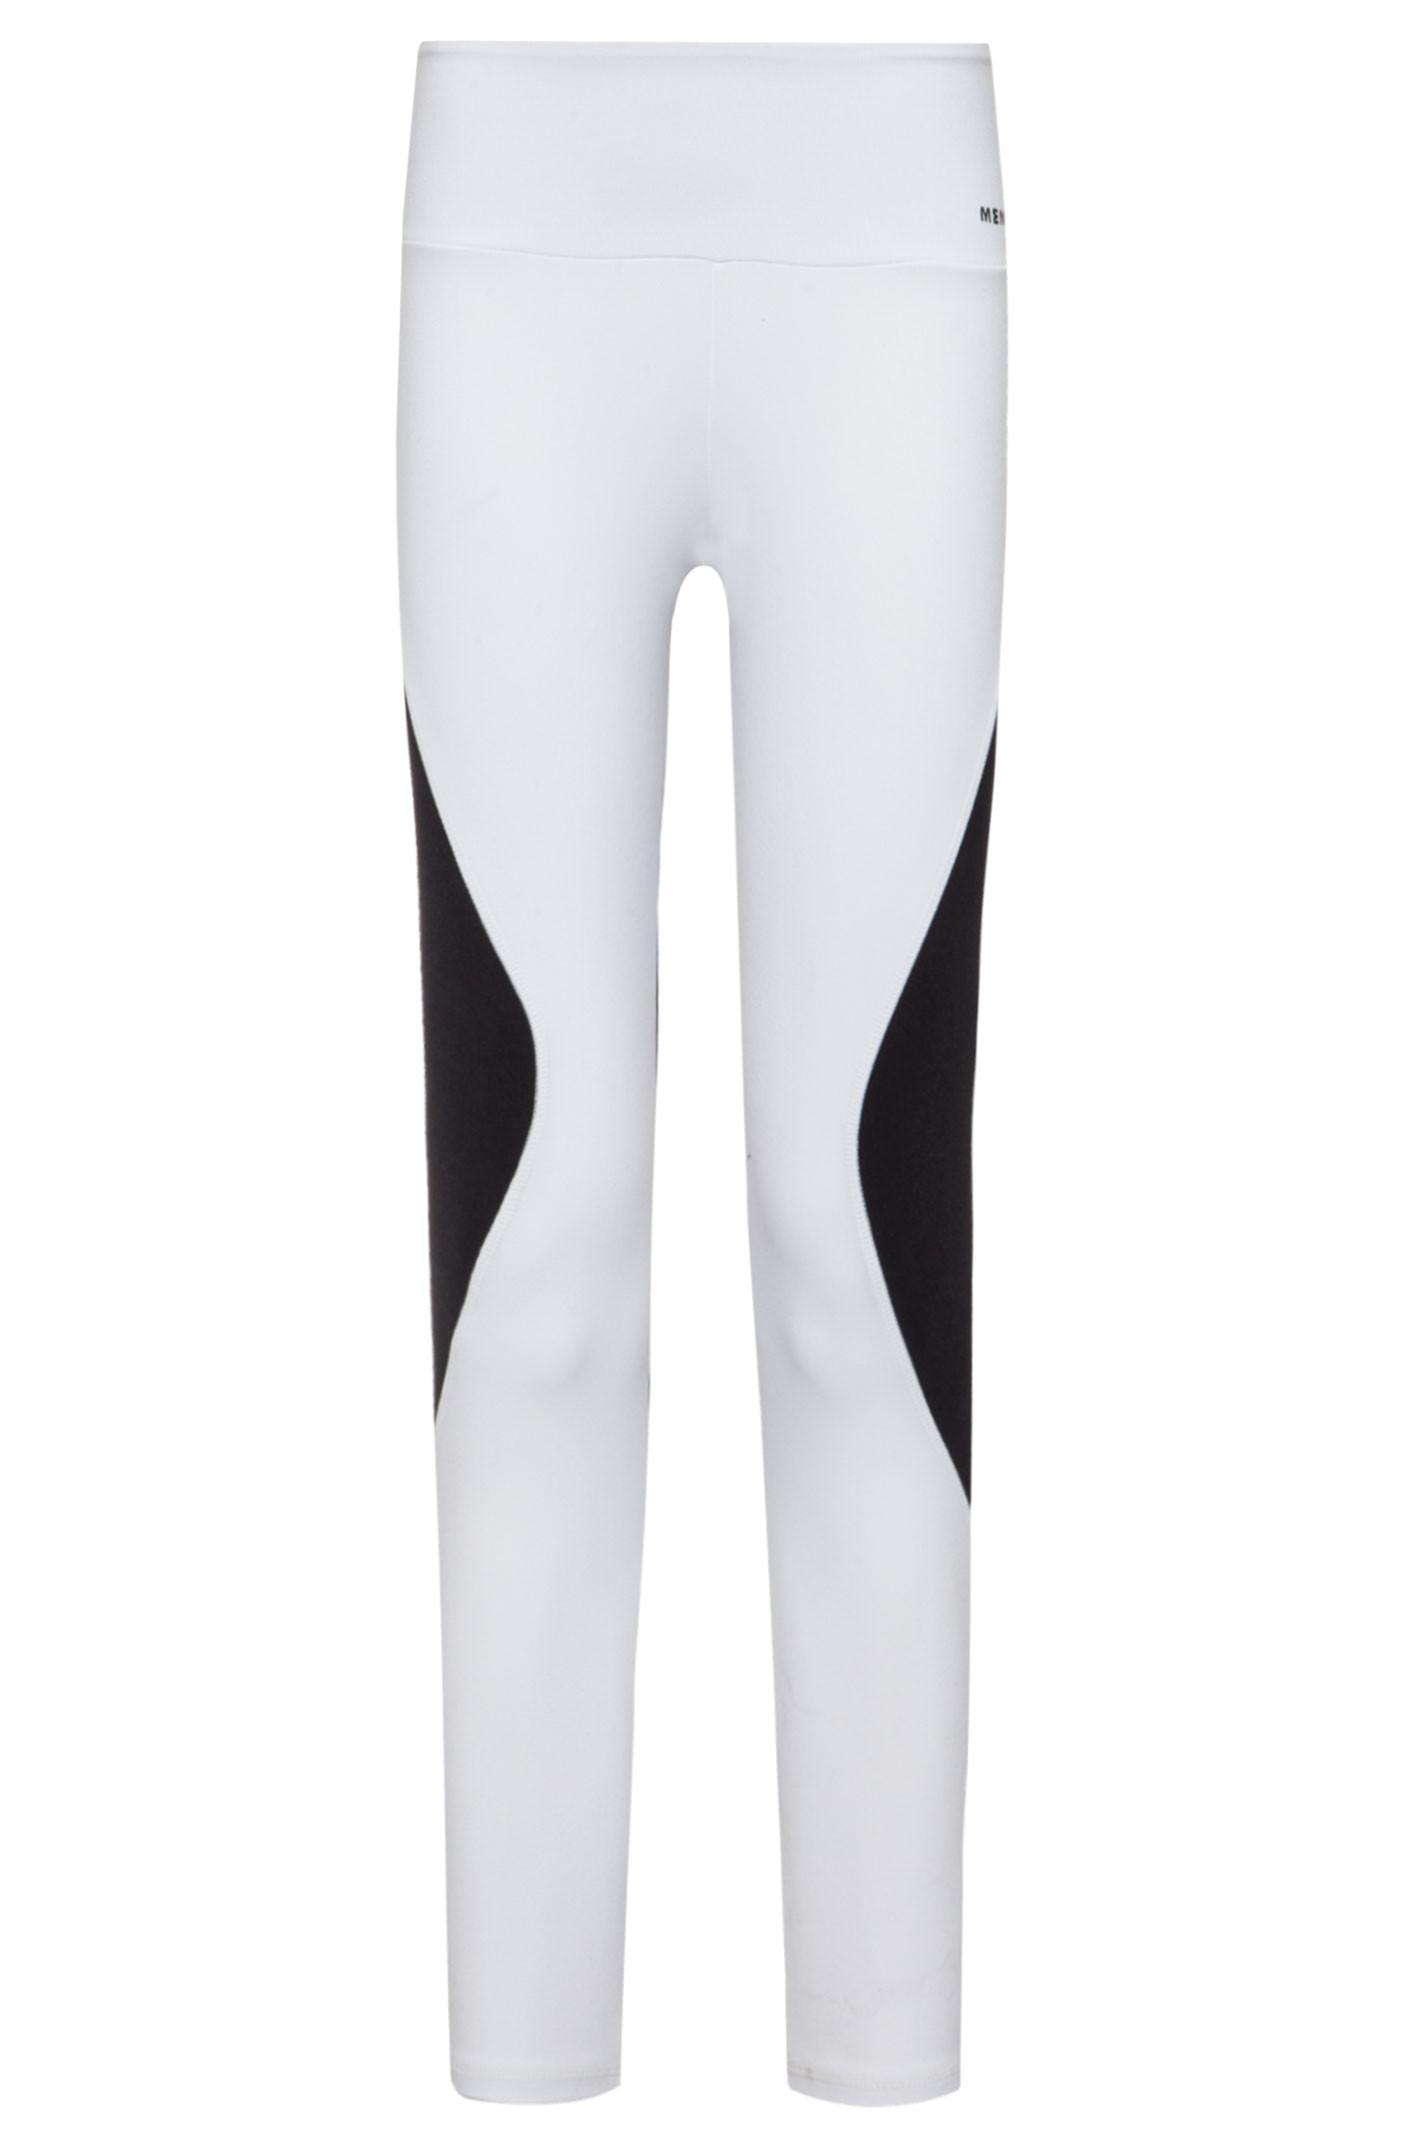 Calça Legging 7/8 Recortes - Branco